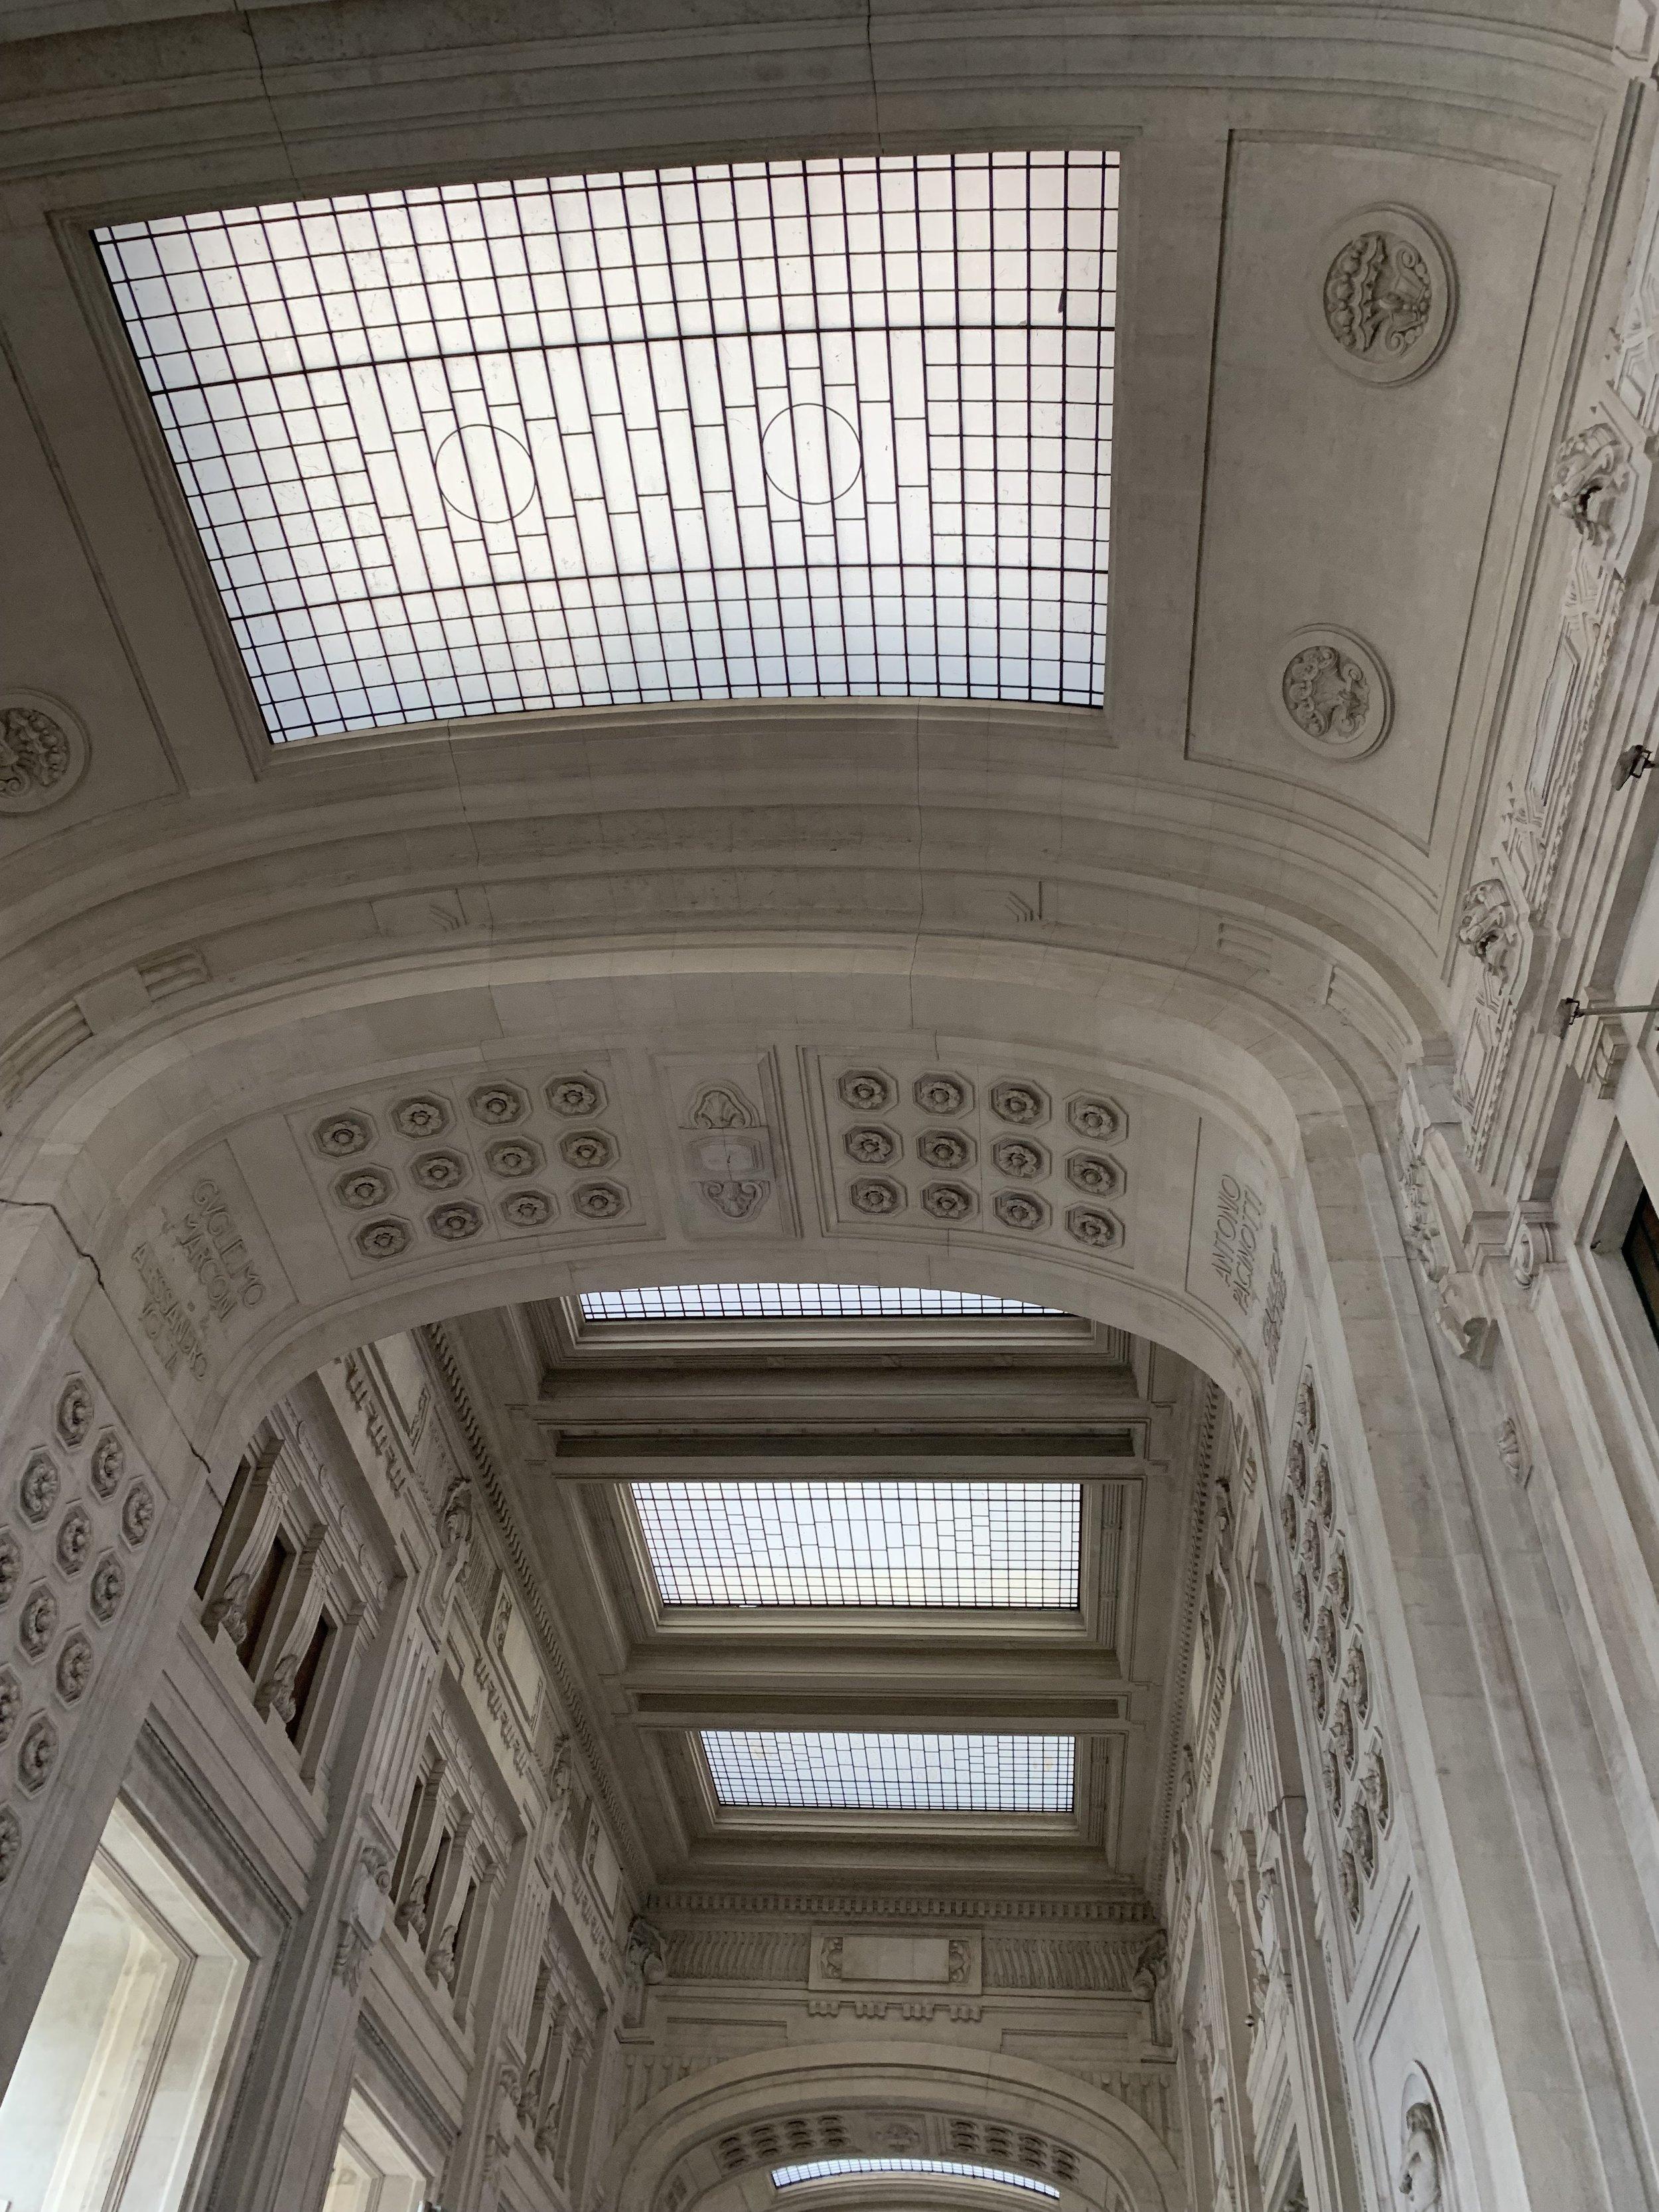 055 Salone del Mobile 2019 Lex de gooijer interiors rotterdam.JPG